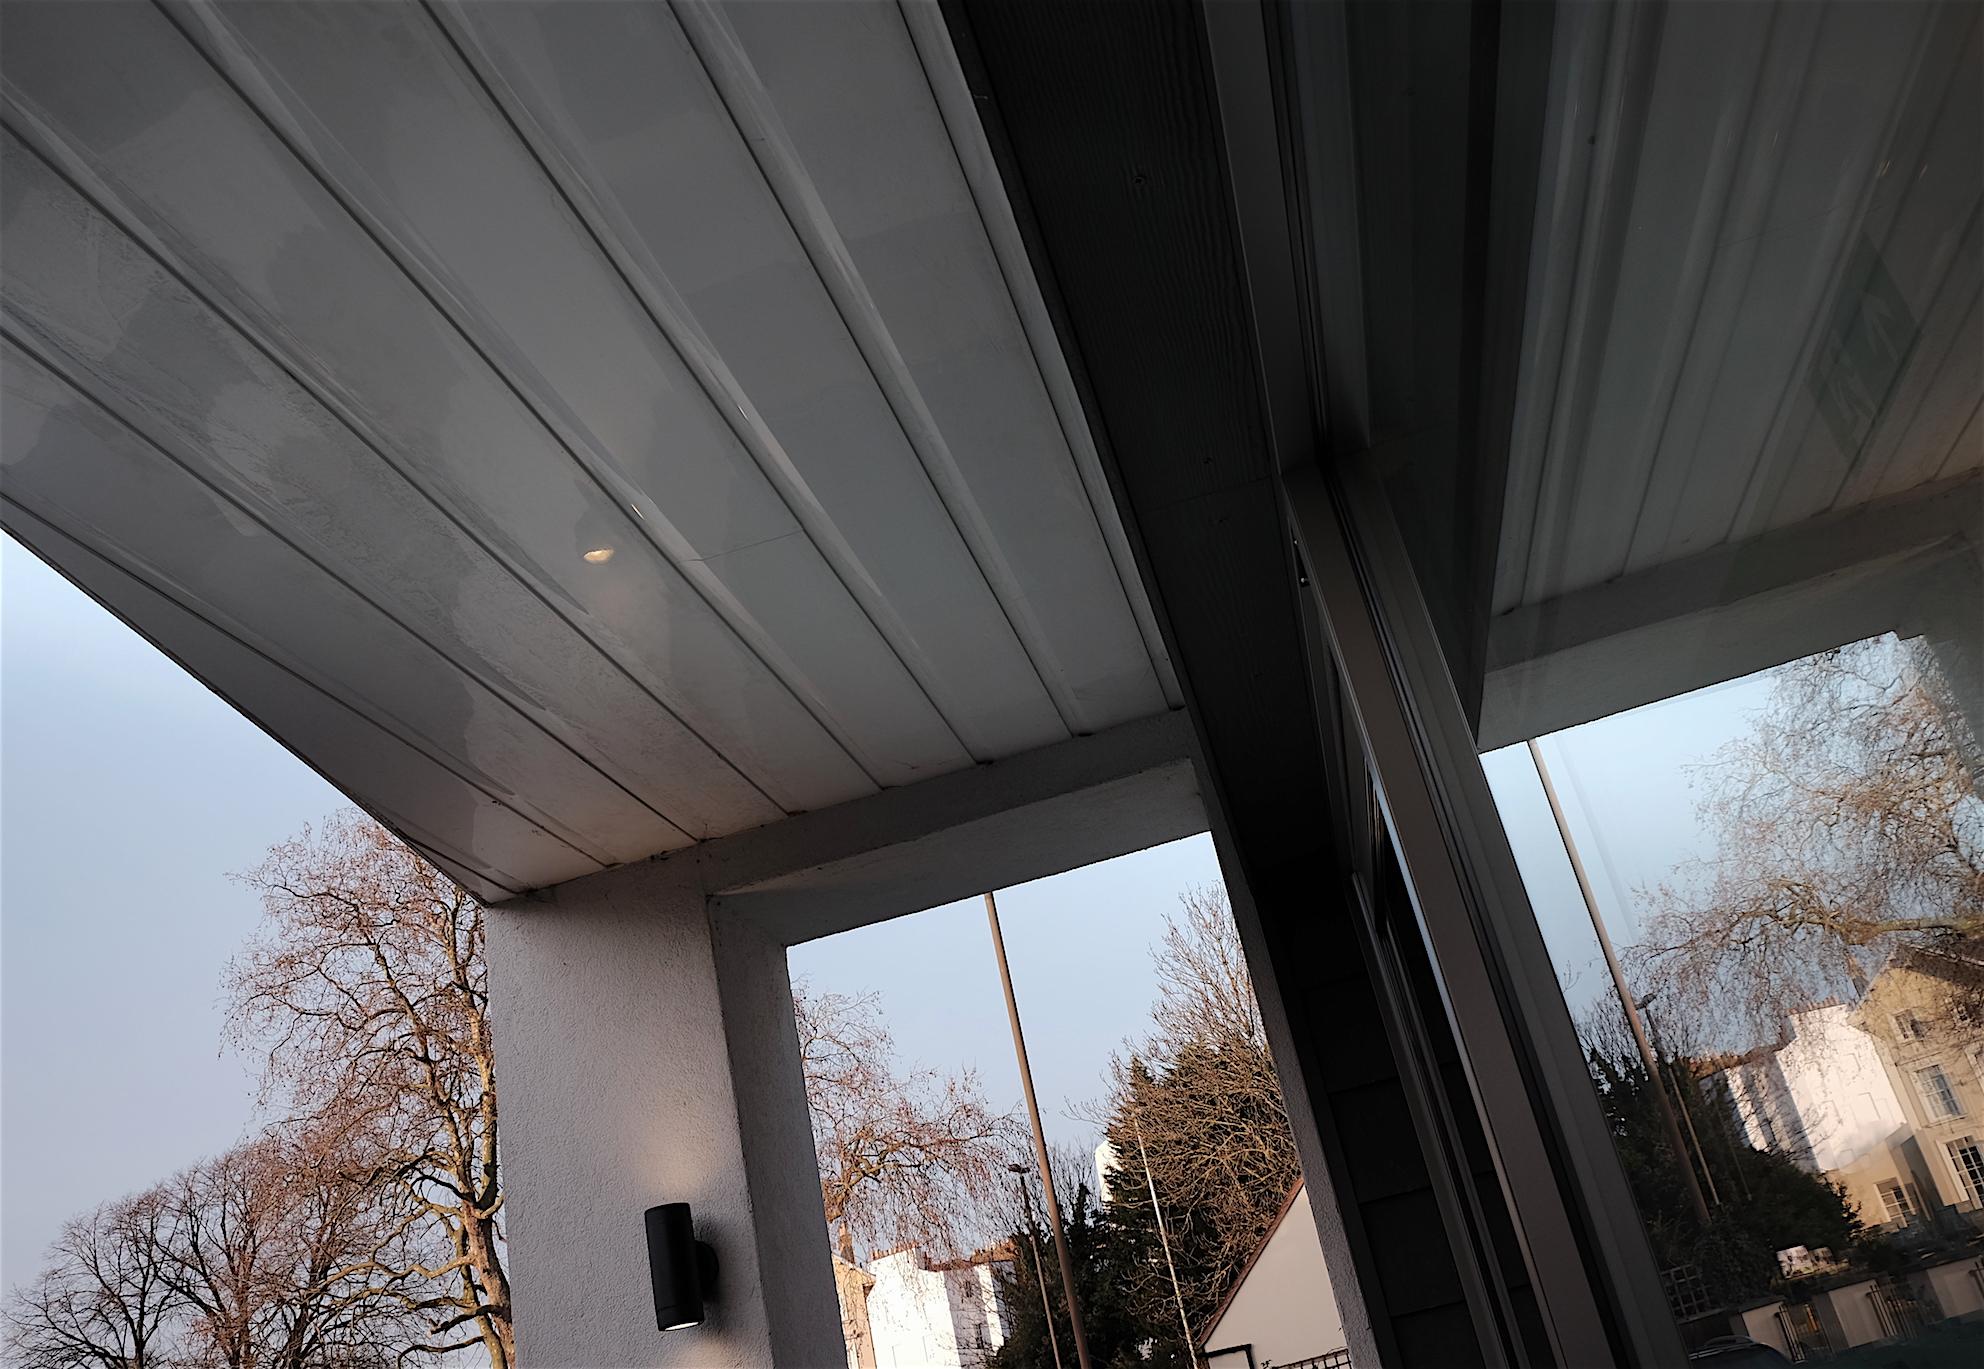 External cladding and aluminium door detail